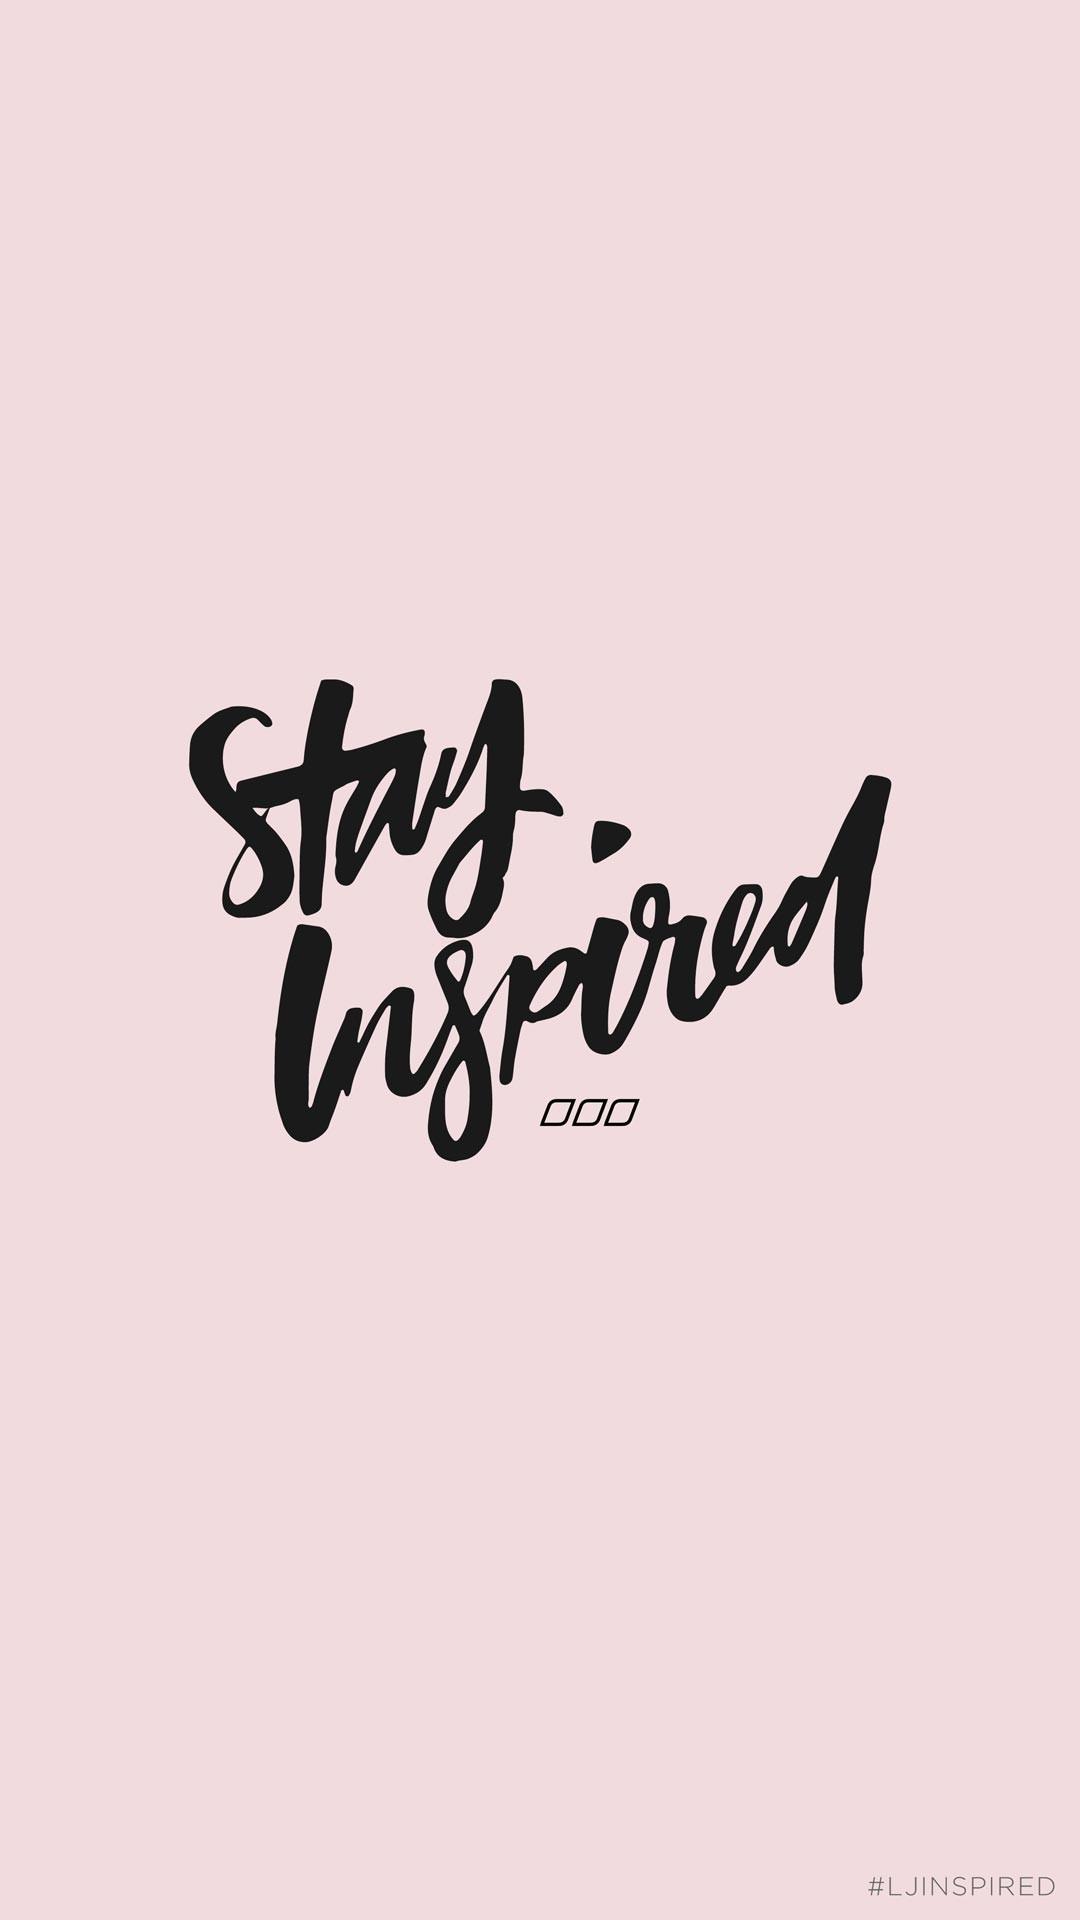 www.designbolts.com wp-content uploads 2016 10 Pink-Inspirational-iPhone